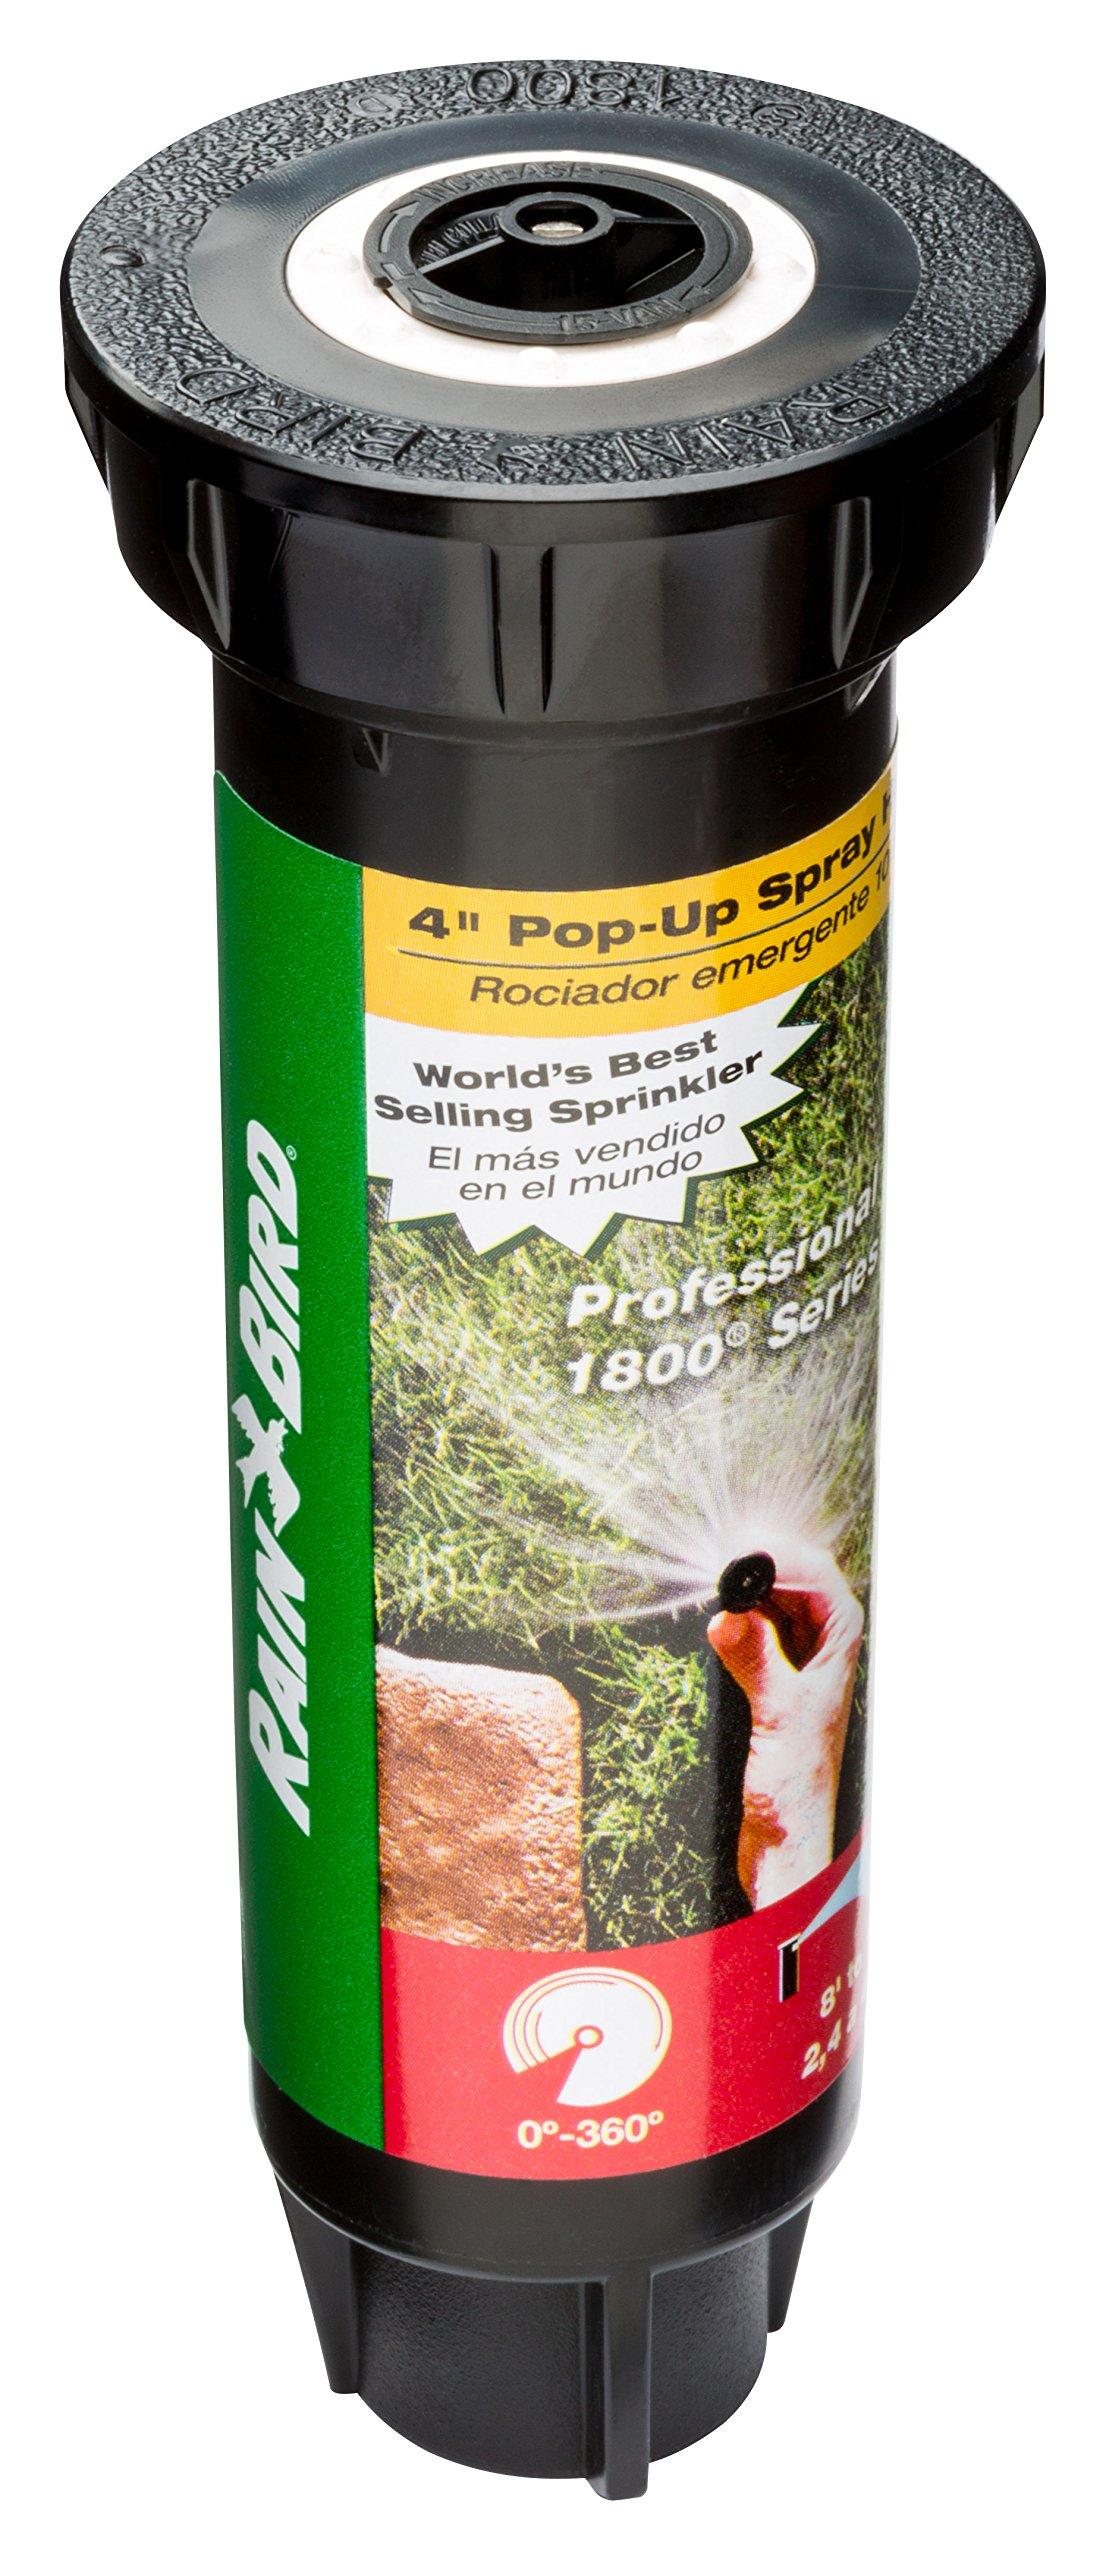 Rain Bird Professional Sprinkler Adjustable